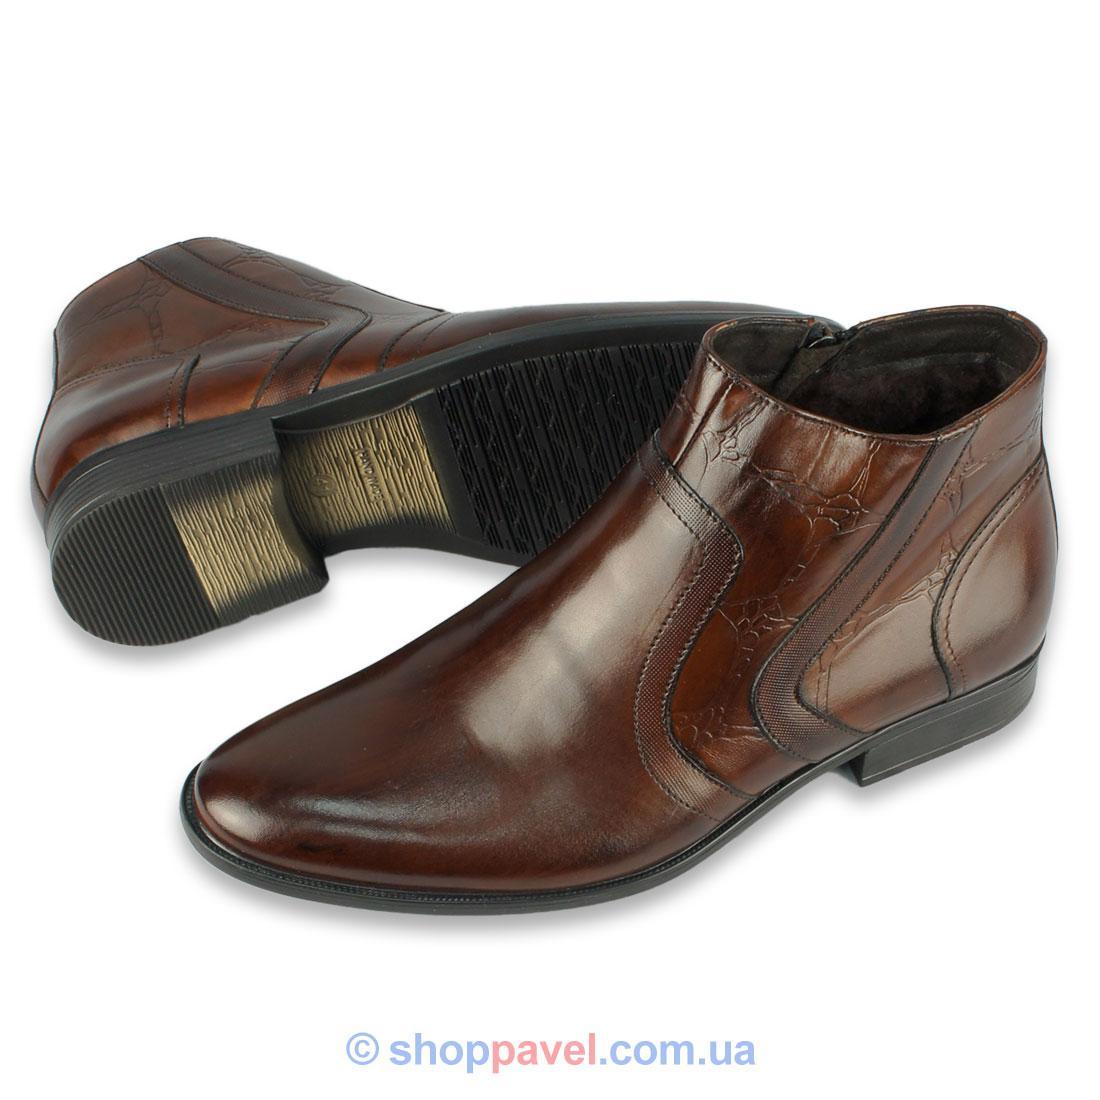 c9b29b333f0cde Чоловіче зимове Польське взуття Tapi 2159 - Магазин великих розмірів 5XL в Сумской  области